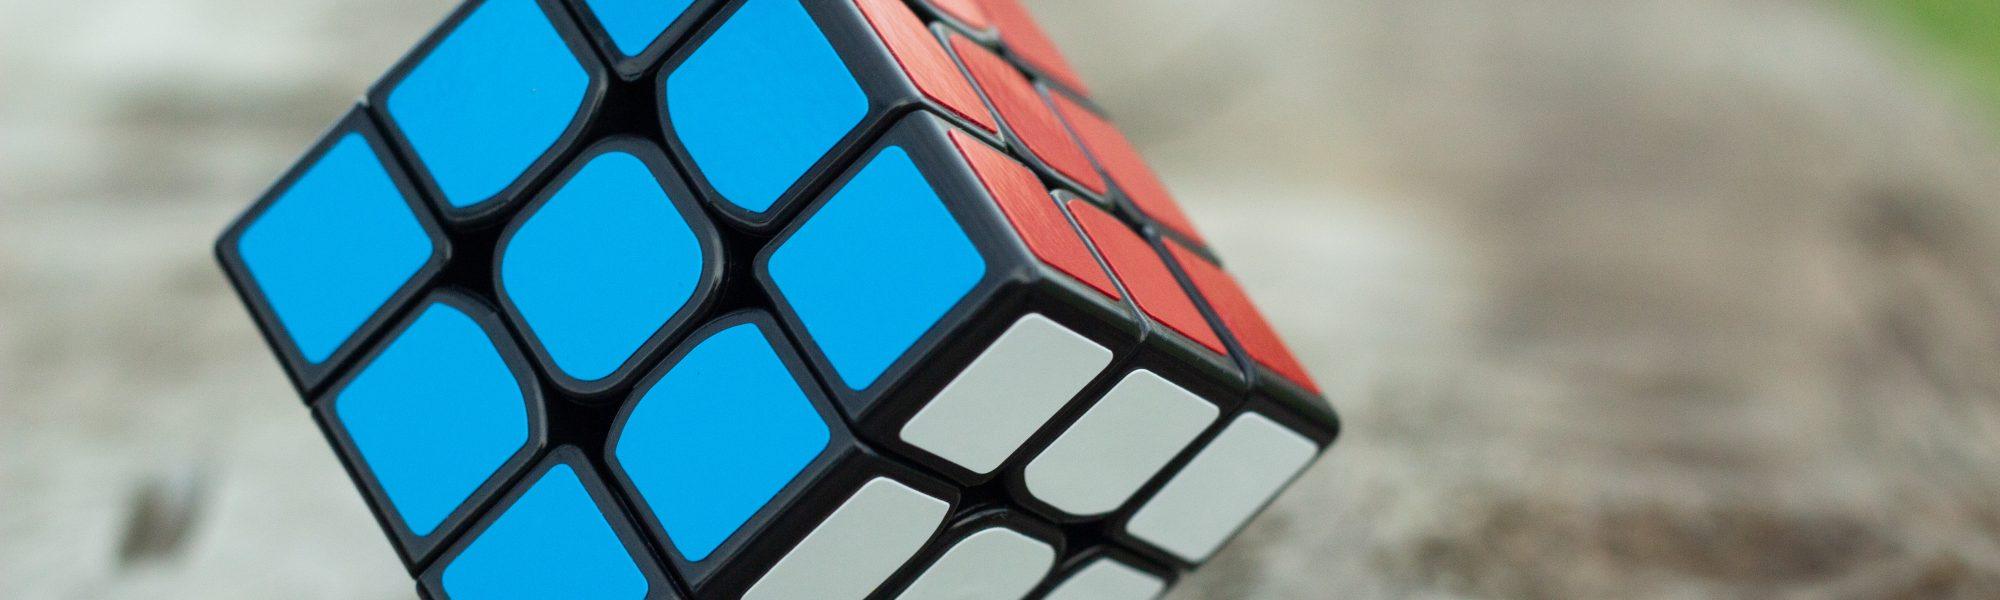 blur-close-up-colors-1500610